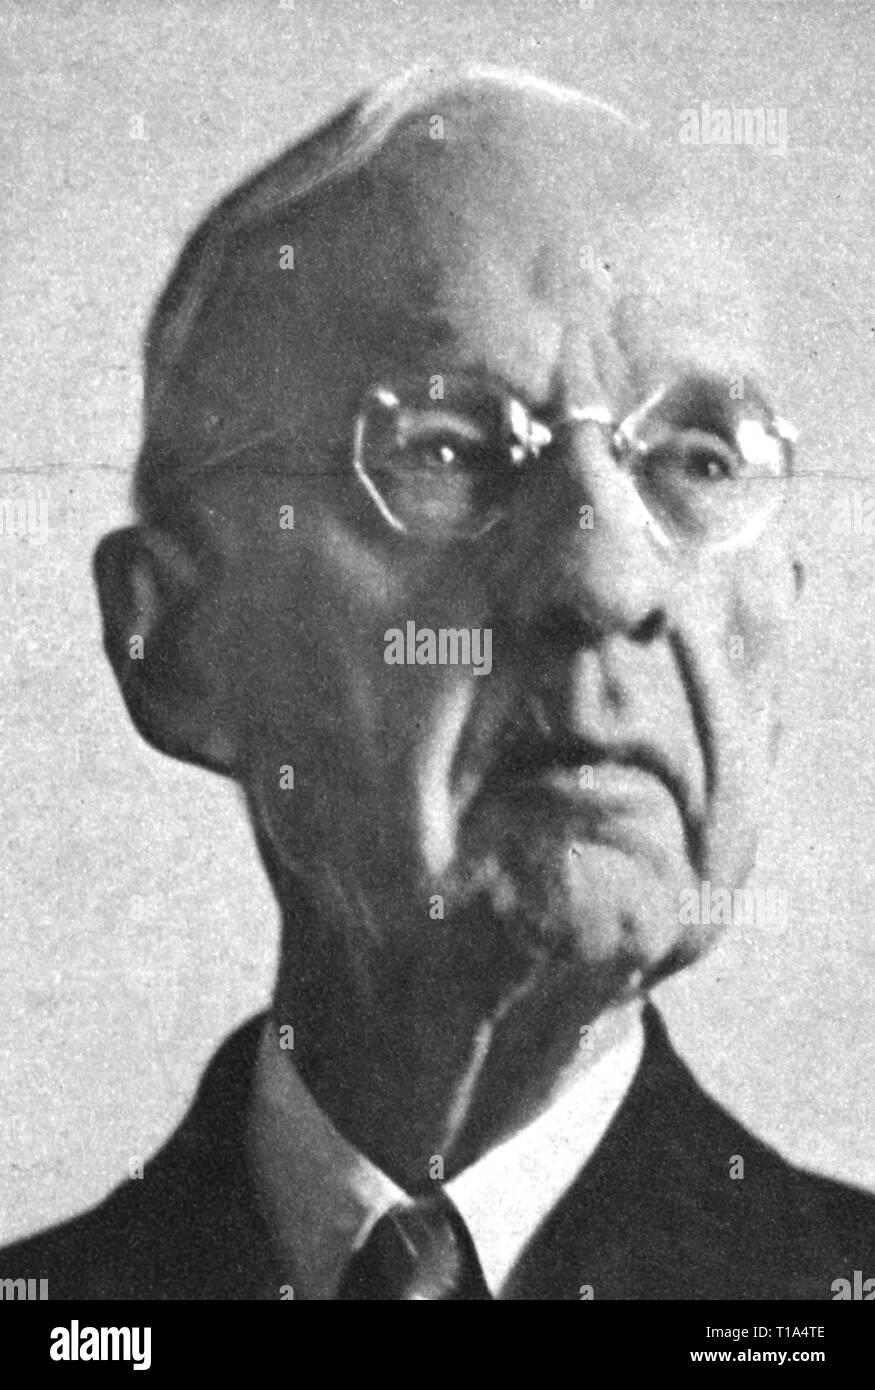 La religion, secte, Mormon, Rudger Clawson, 1857 - 1943, Président des douze apôtres, portrait, à partir de: 'Life Magazine', New York, janvier 1938, Additional-Rights Clearance-Info-Not-Available- Photo Stock